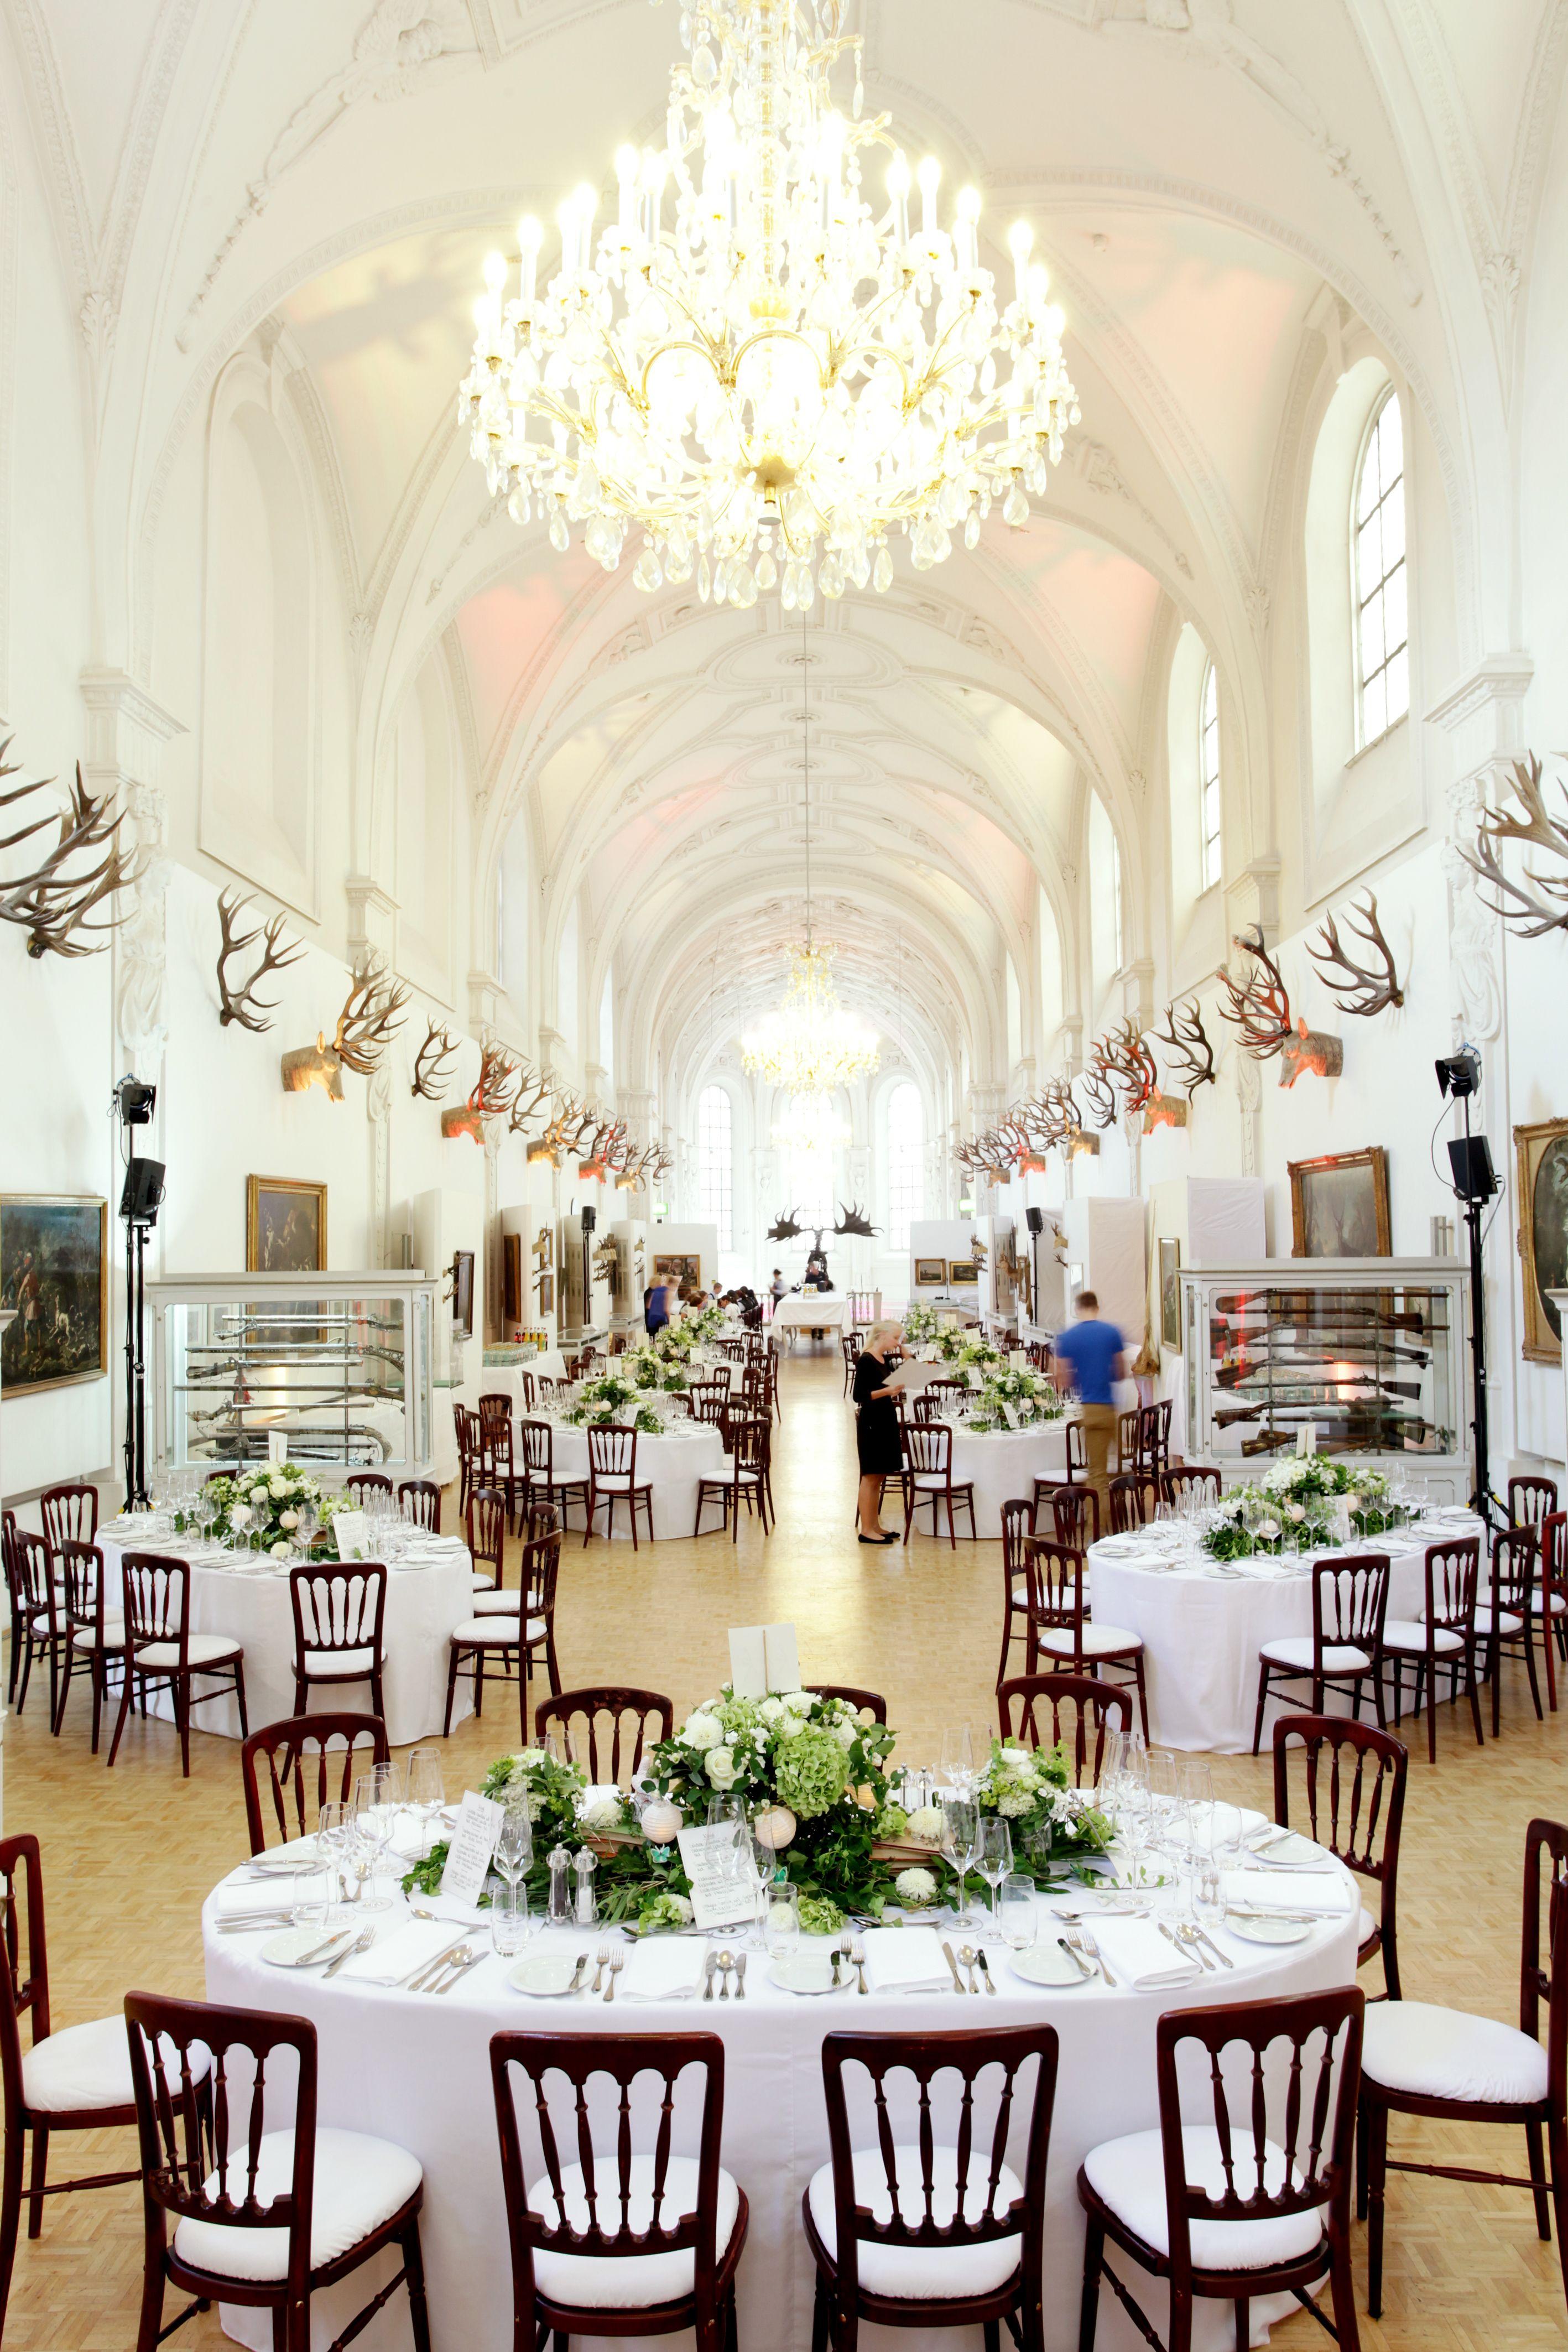 Was für ein Einsatz Wir bedanken uns ganz herzlich für all Mühe und Unterstützung Unsere Gäste und wir hatten eine fabelhafte entspannte Hochzeit